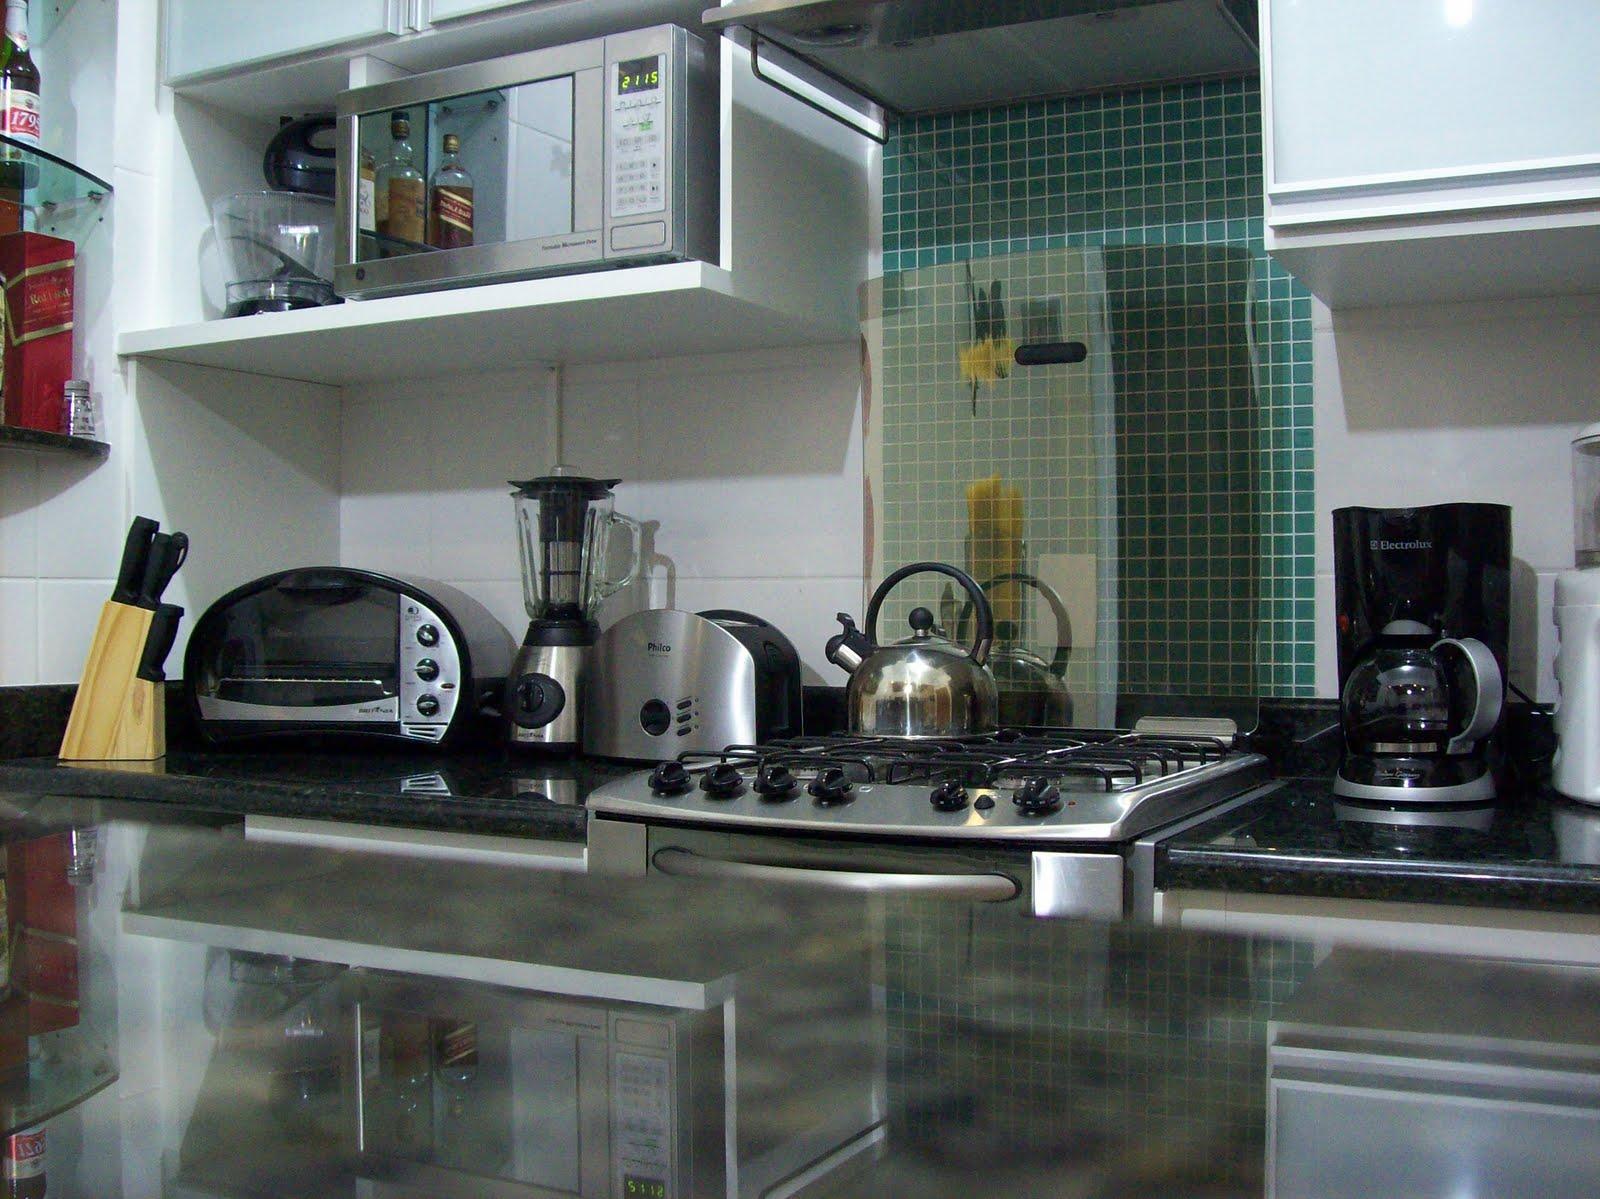 Aparador De Aliança Rommanel ~ Gostosa Reforma Revestimento Cozinha Parede Fog u00e3o